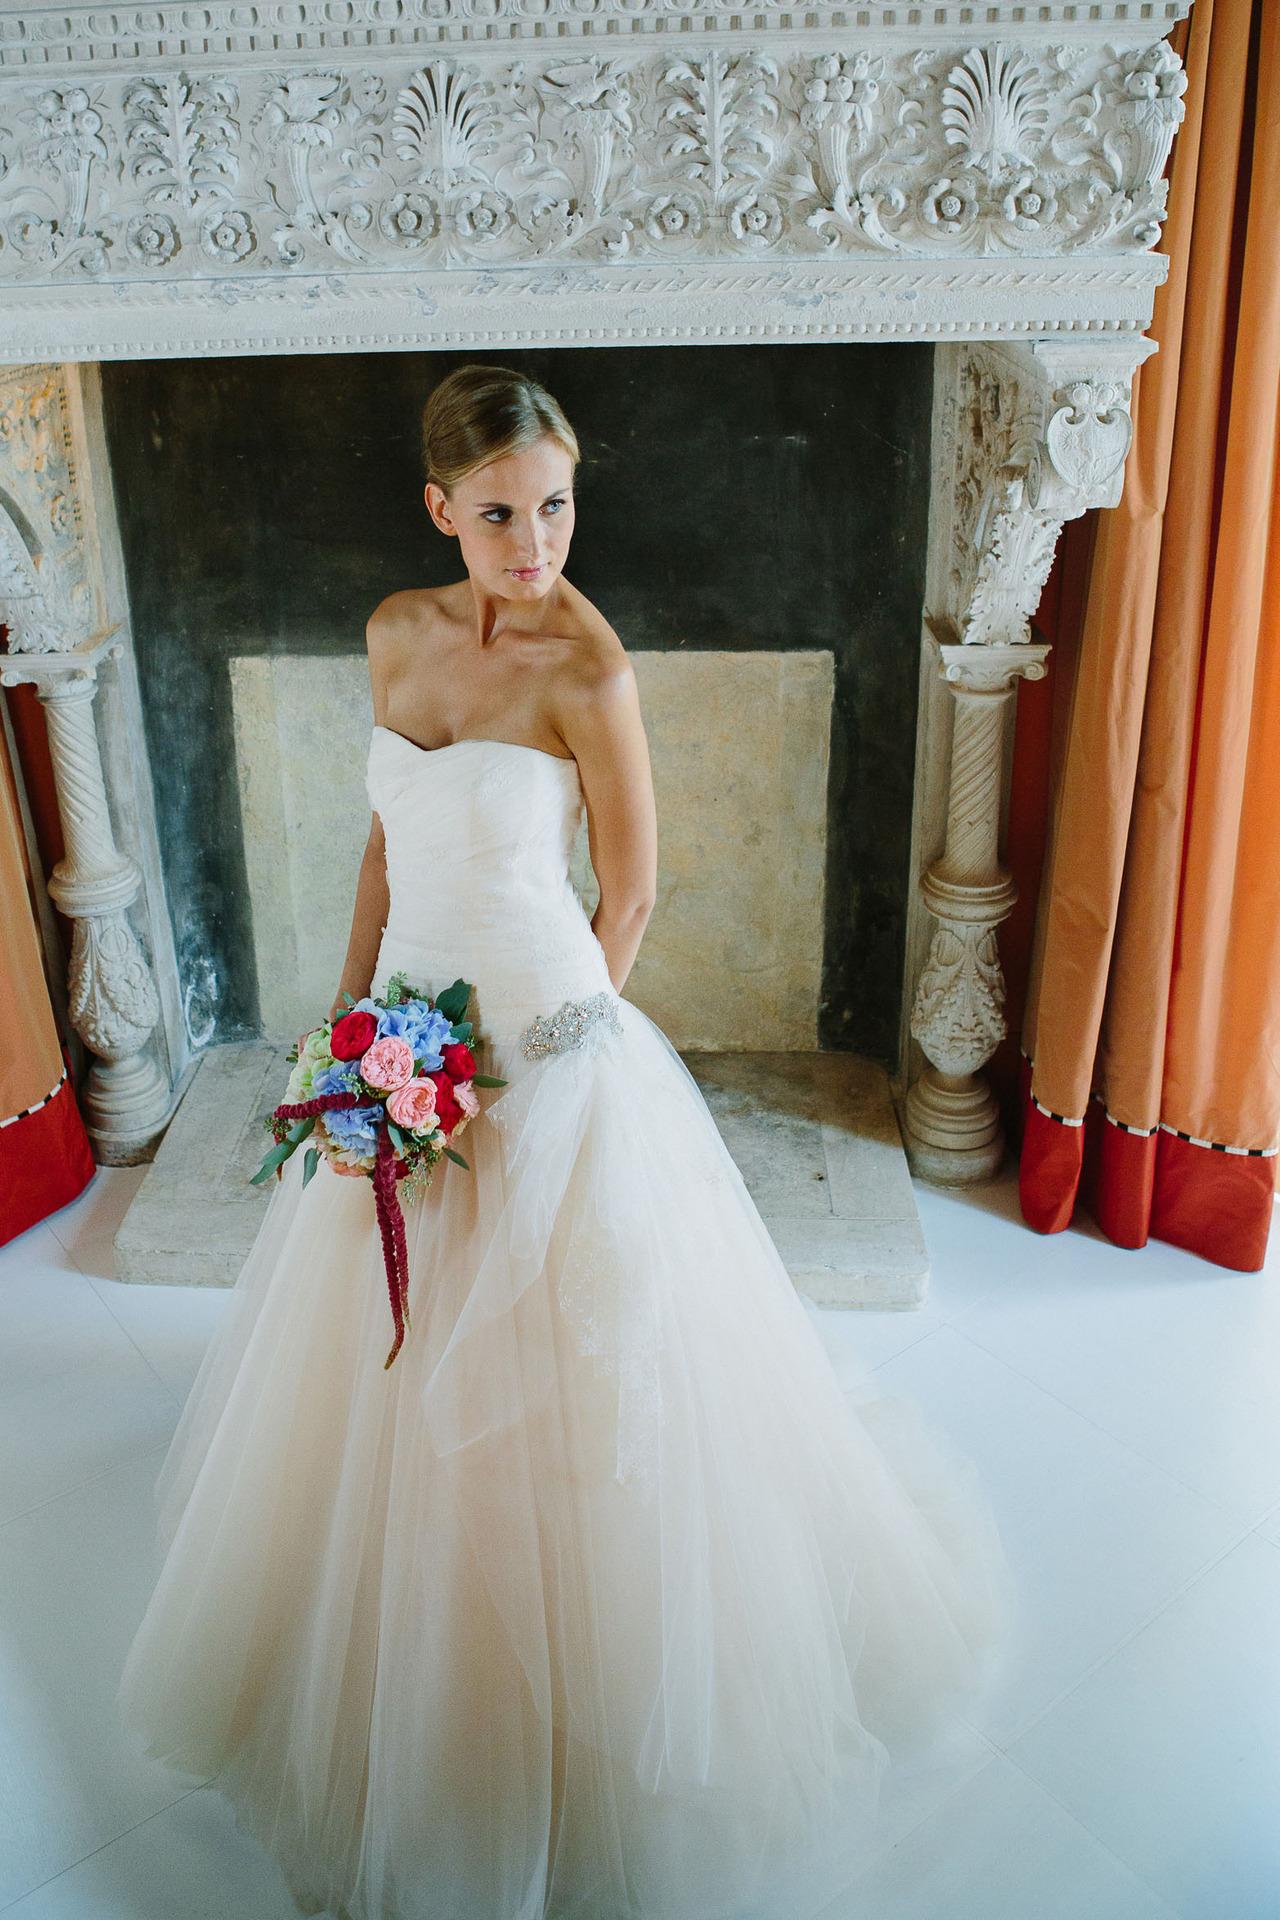 Scopri la collezione sposa royal, abiti da sposa cipria, abiti da sposa tulle cipria, abiti da sposa luxury, abiti da sposa princess, couture hayez milano collezioni